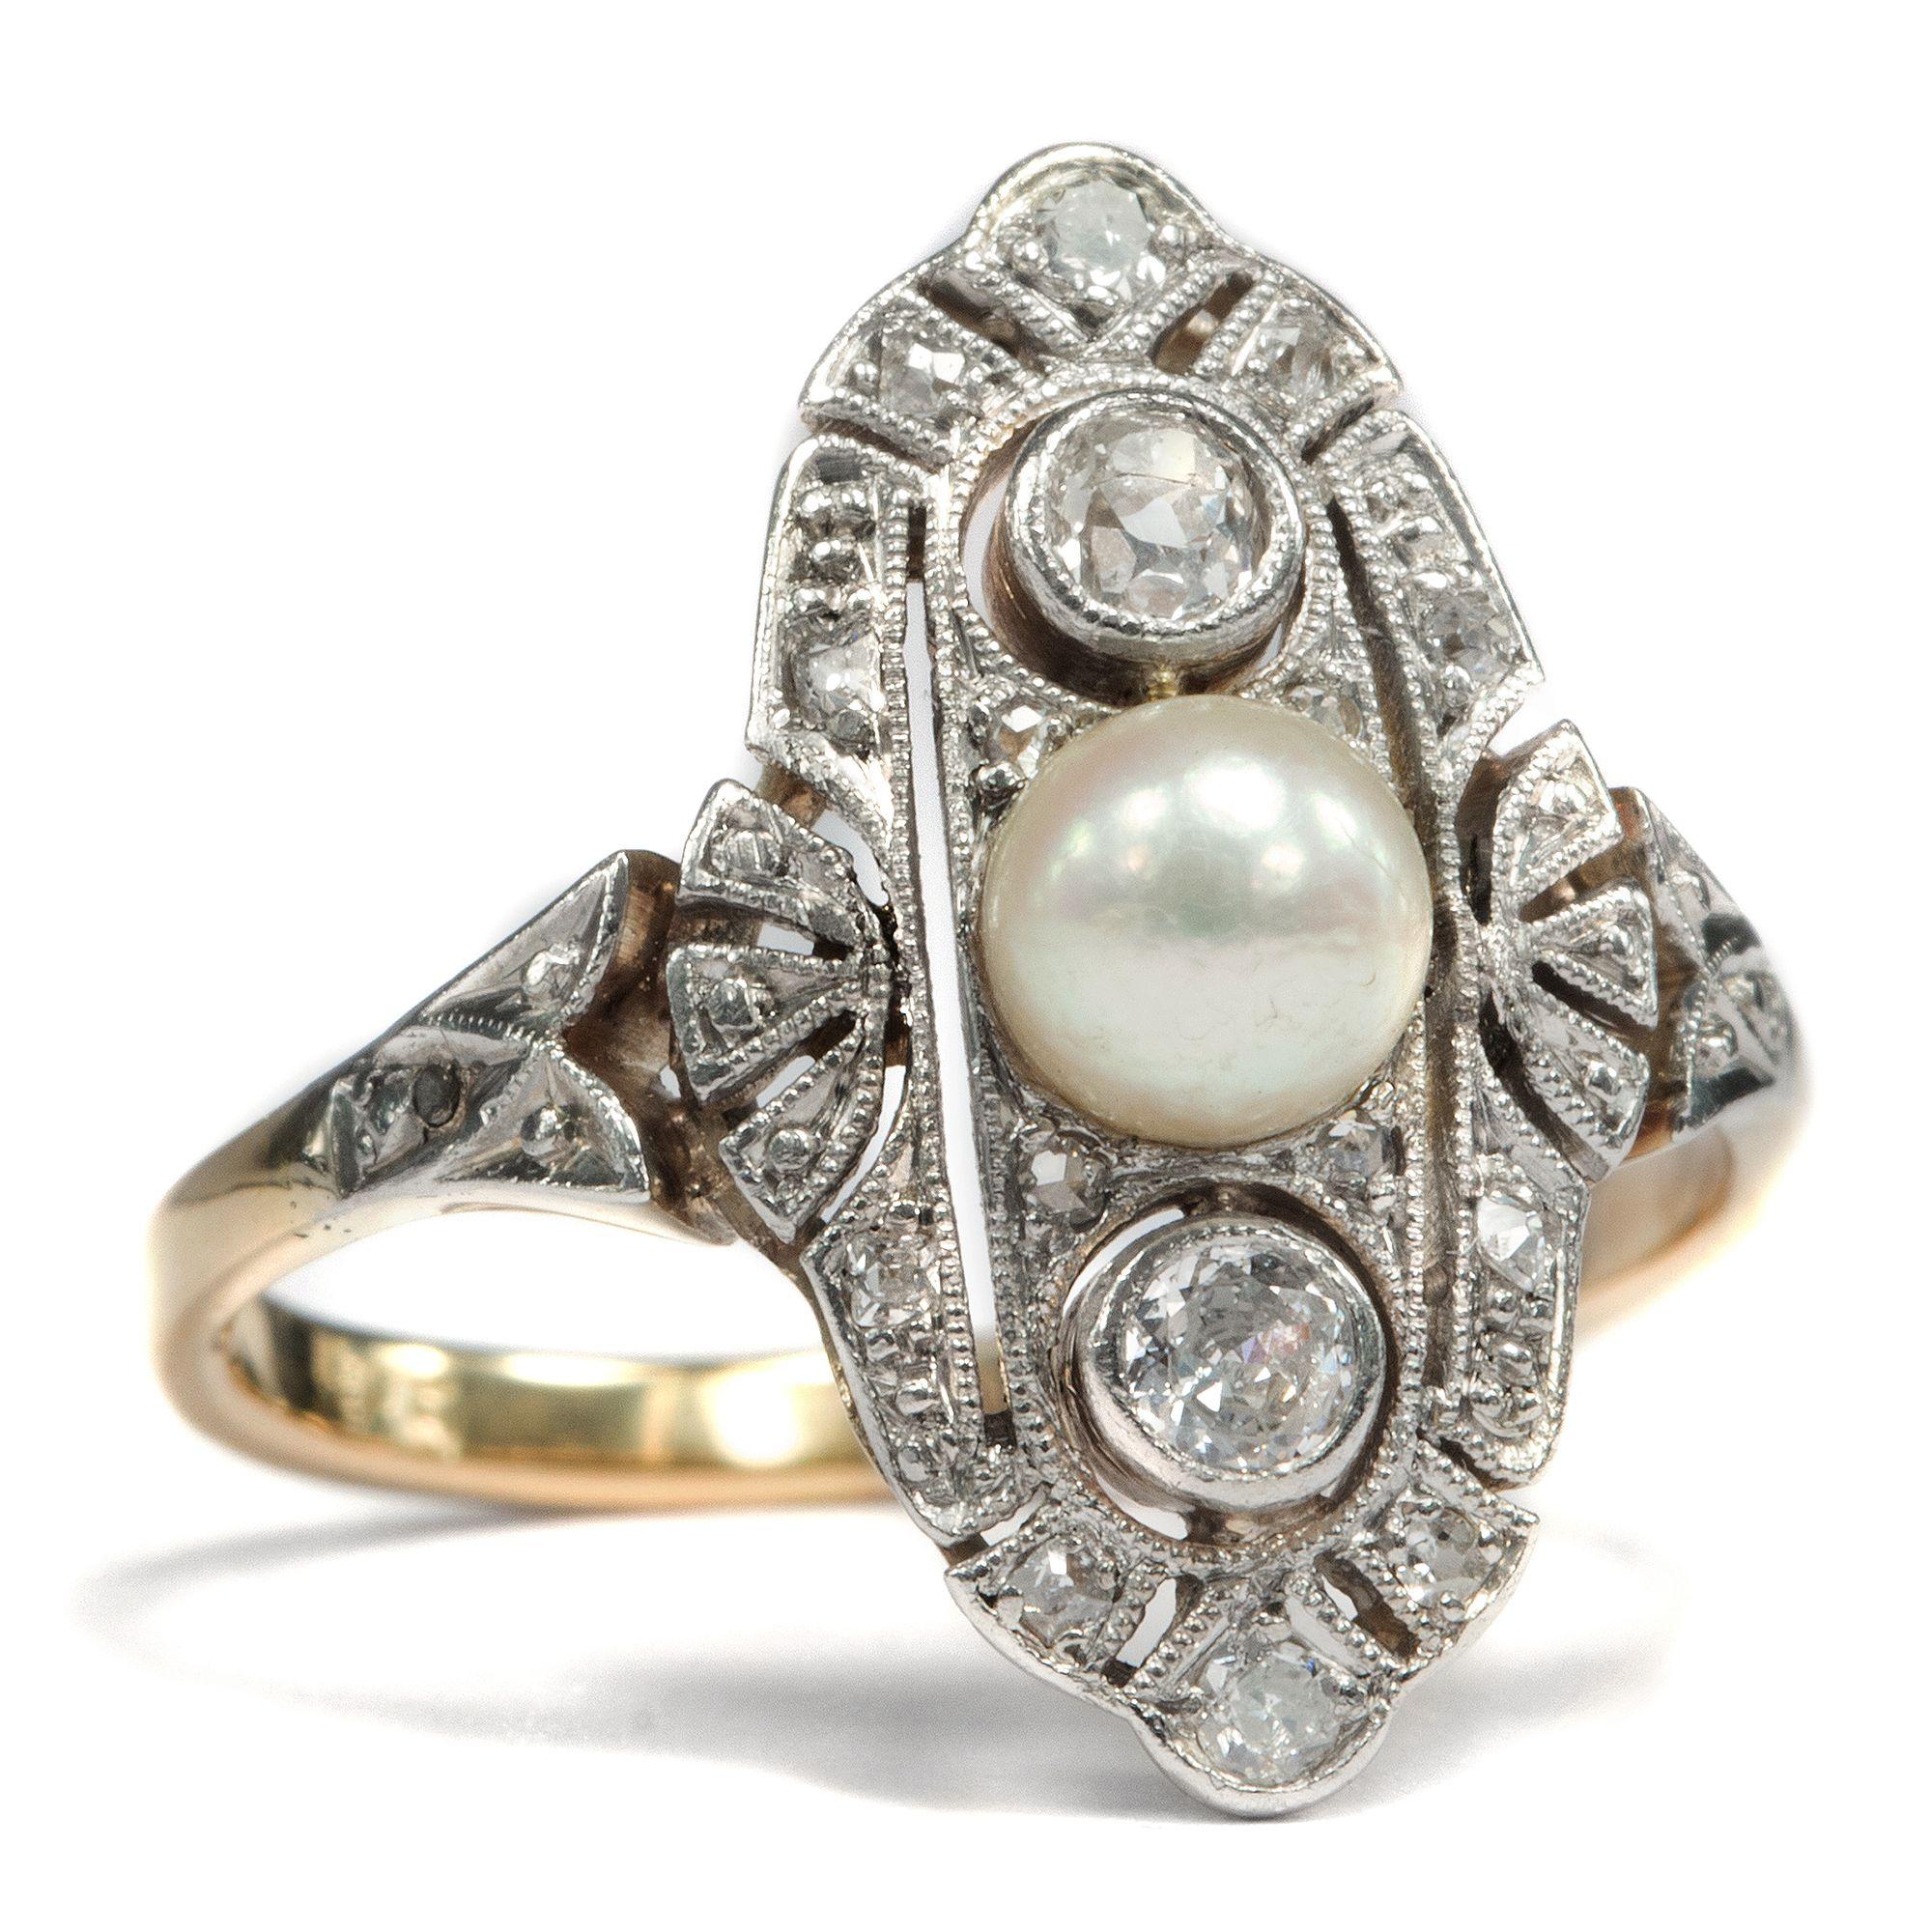 Betörendes Trio • Wunderbarer Art Déco-Ring mit Perle & Diamanten ...